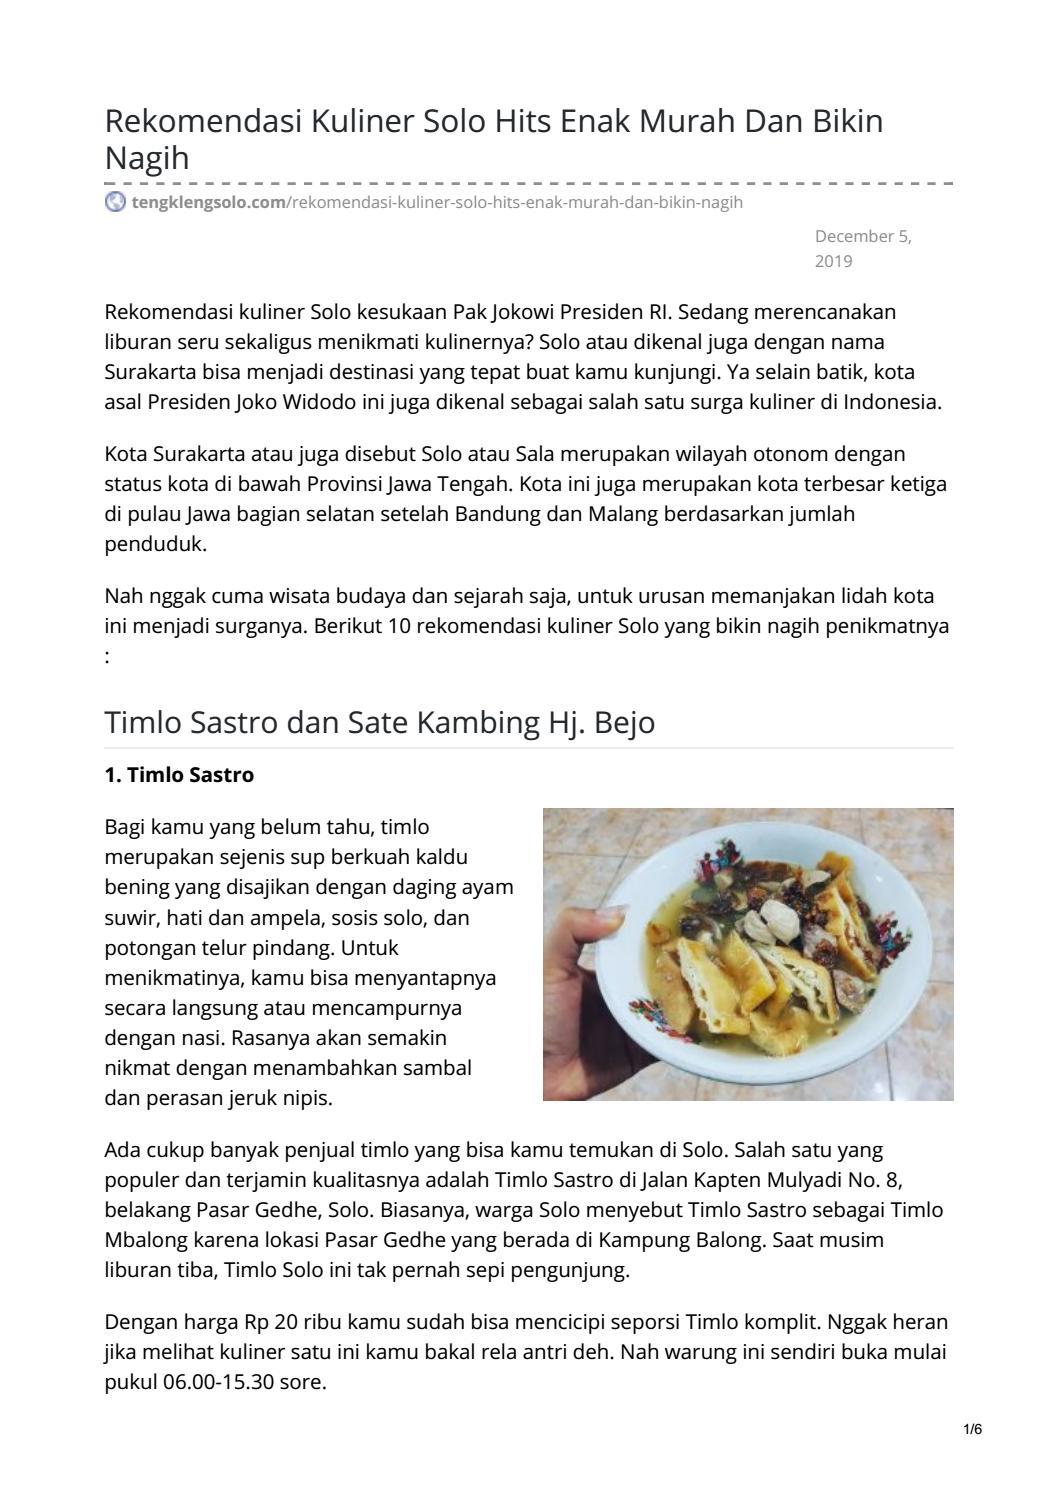 Rekomendasi Kuliner Solo Hits Enak Murah Dan Bikin Nagih By Batik